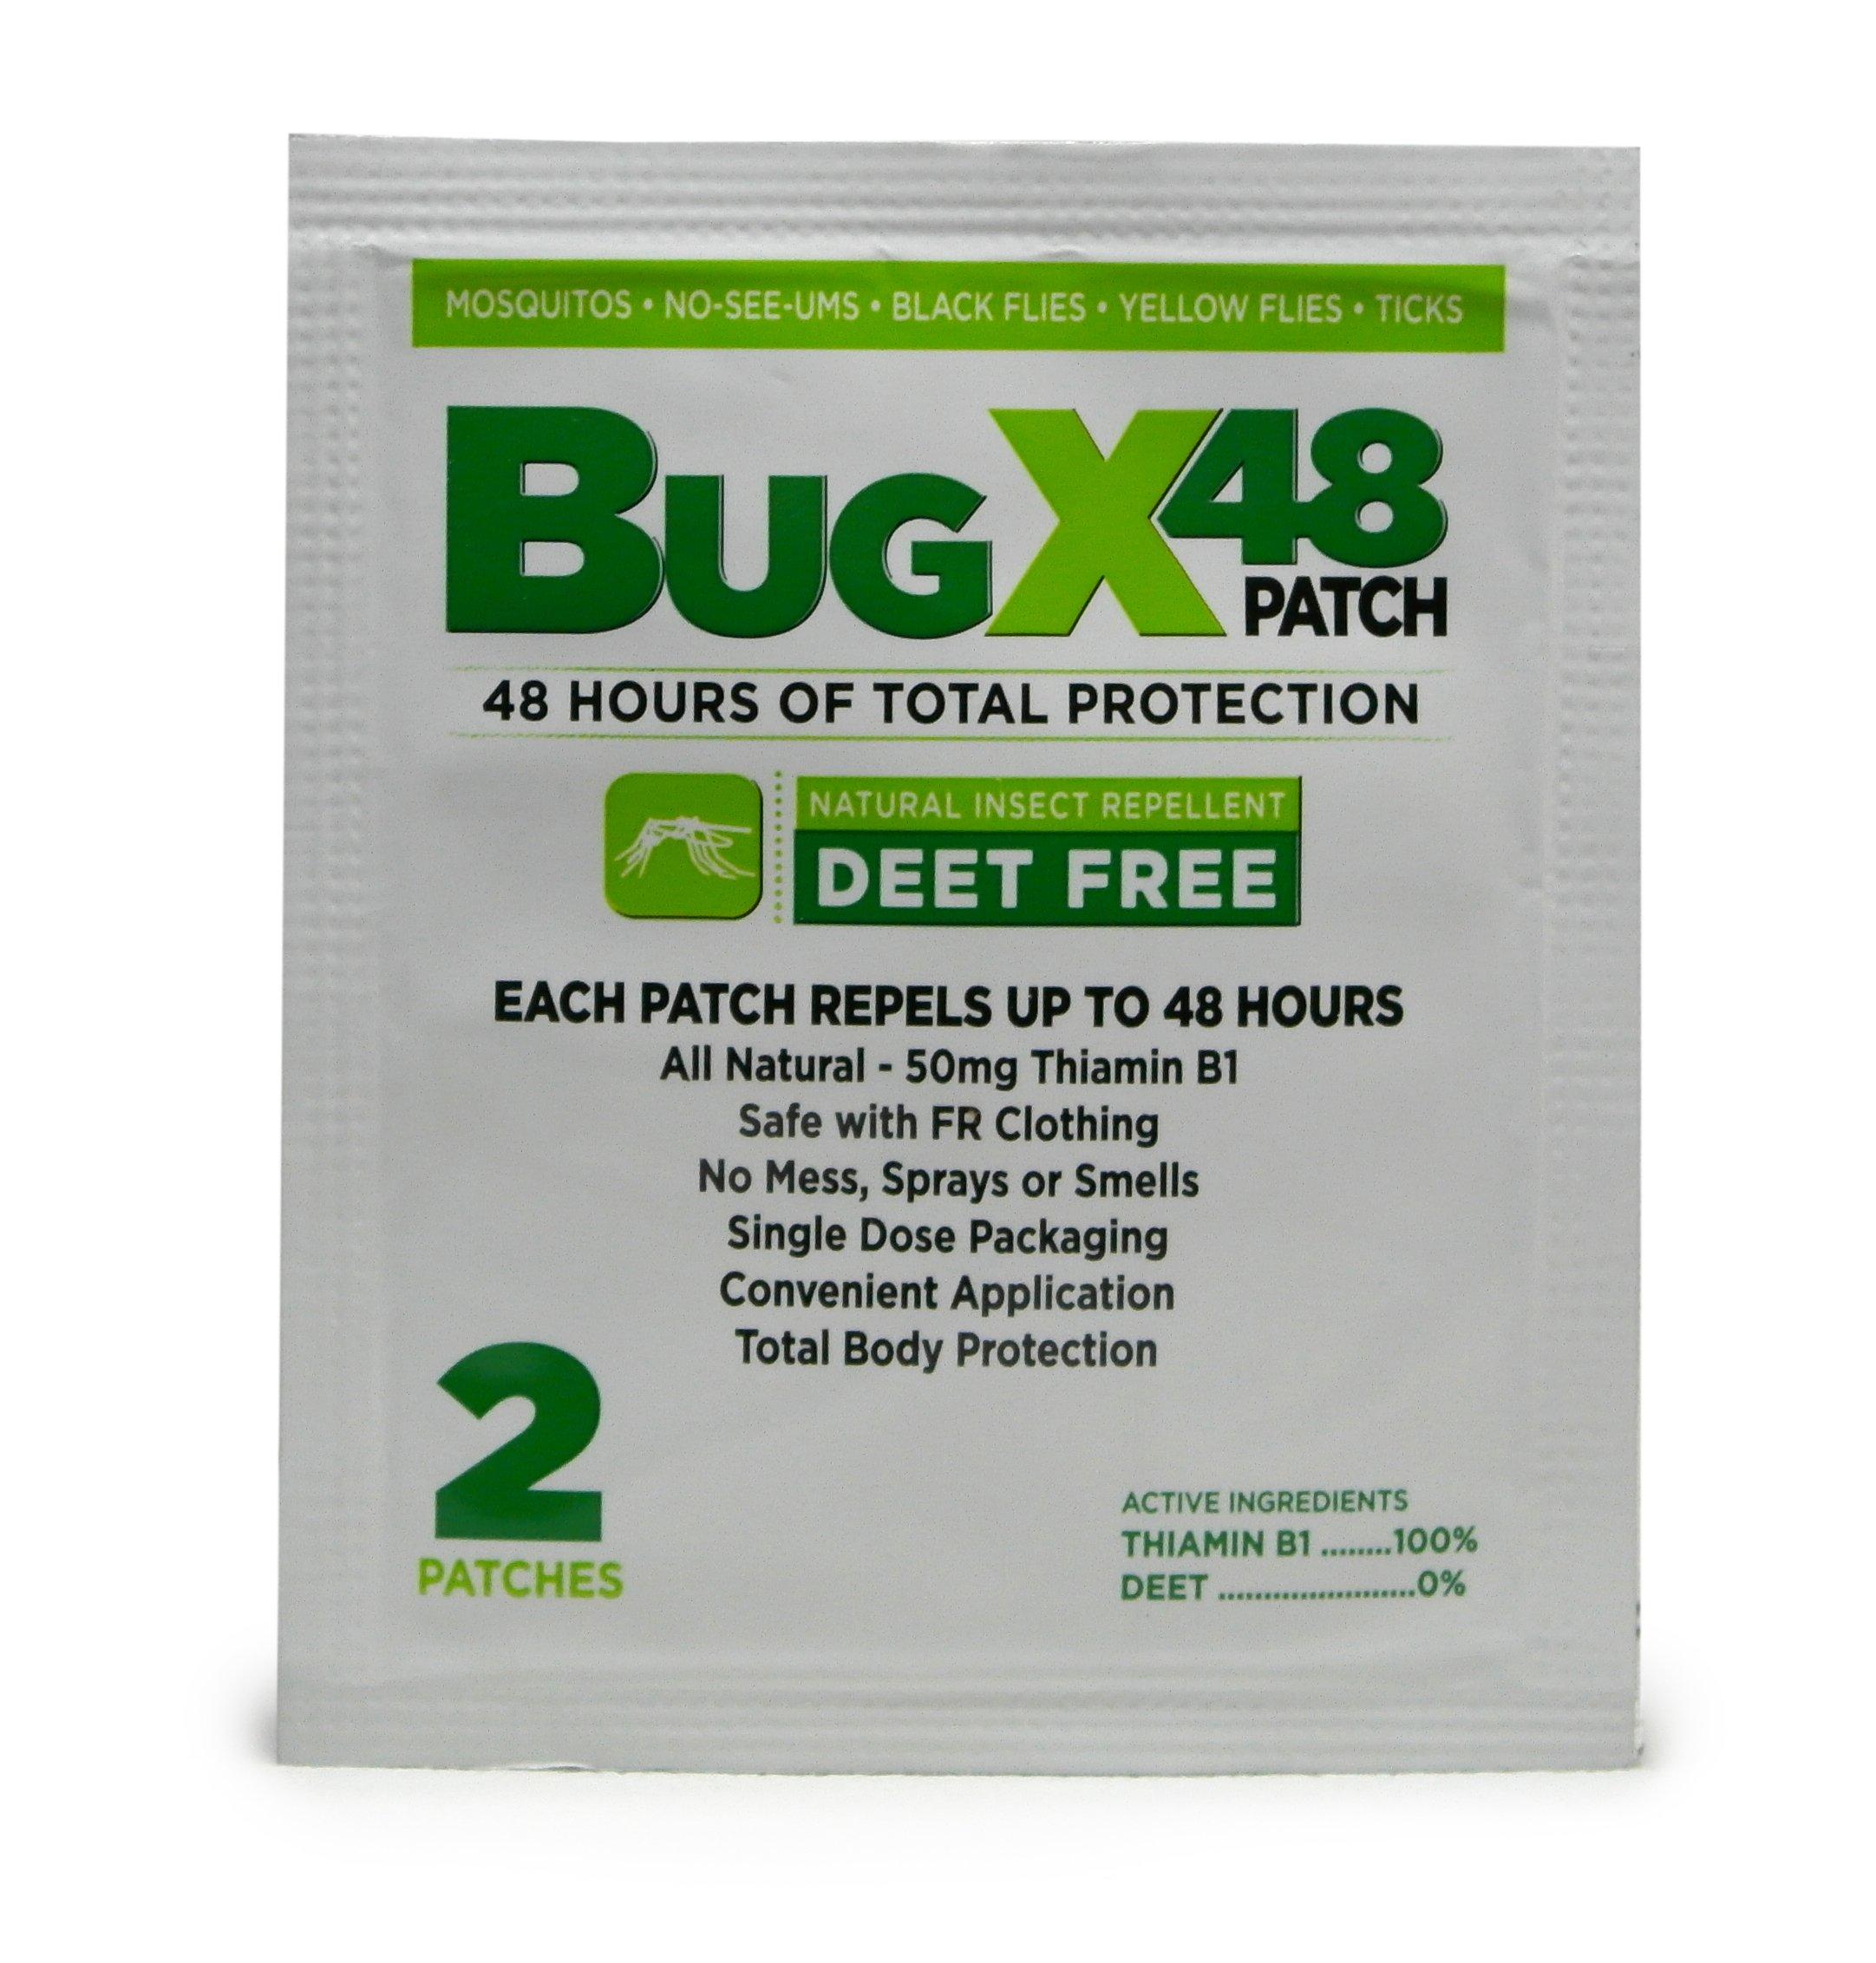 CoreTex 13843 BugX 48 Patch Natural Insect Repellent 100/EA